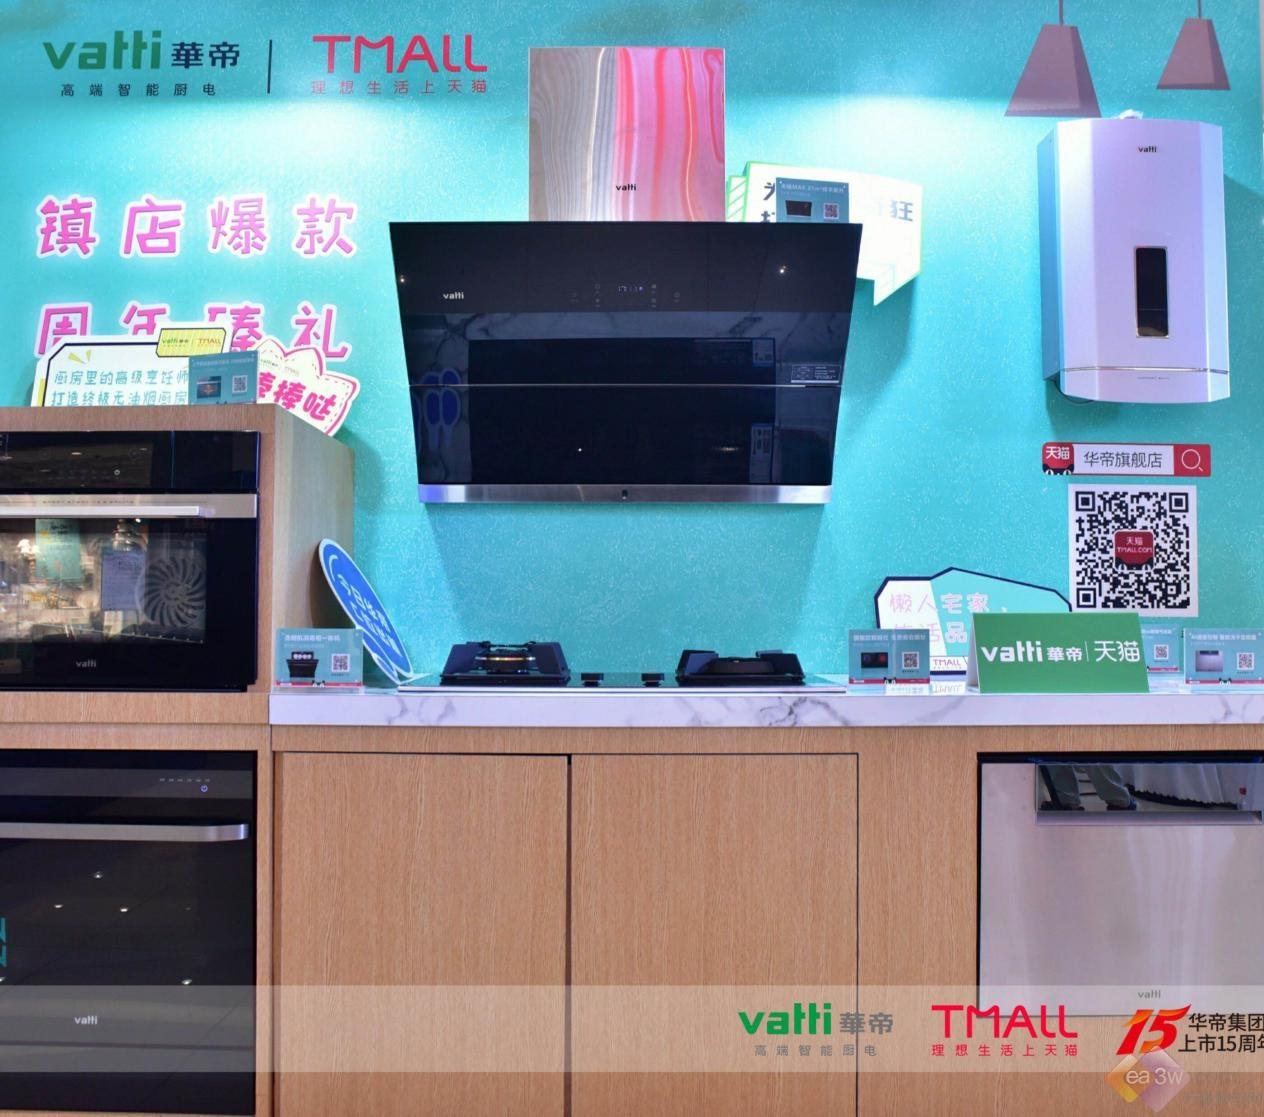 华帝集团上市15周年庆,携手天猫华帝旗舰店开启限时福利